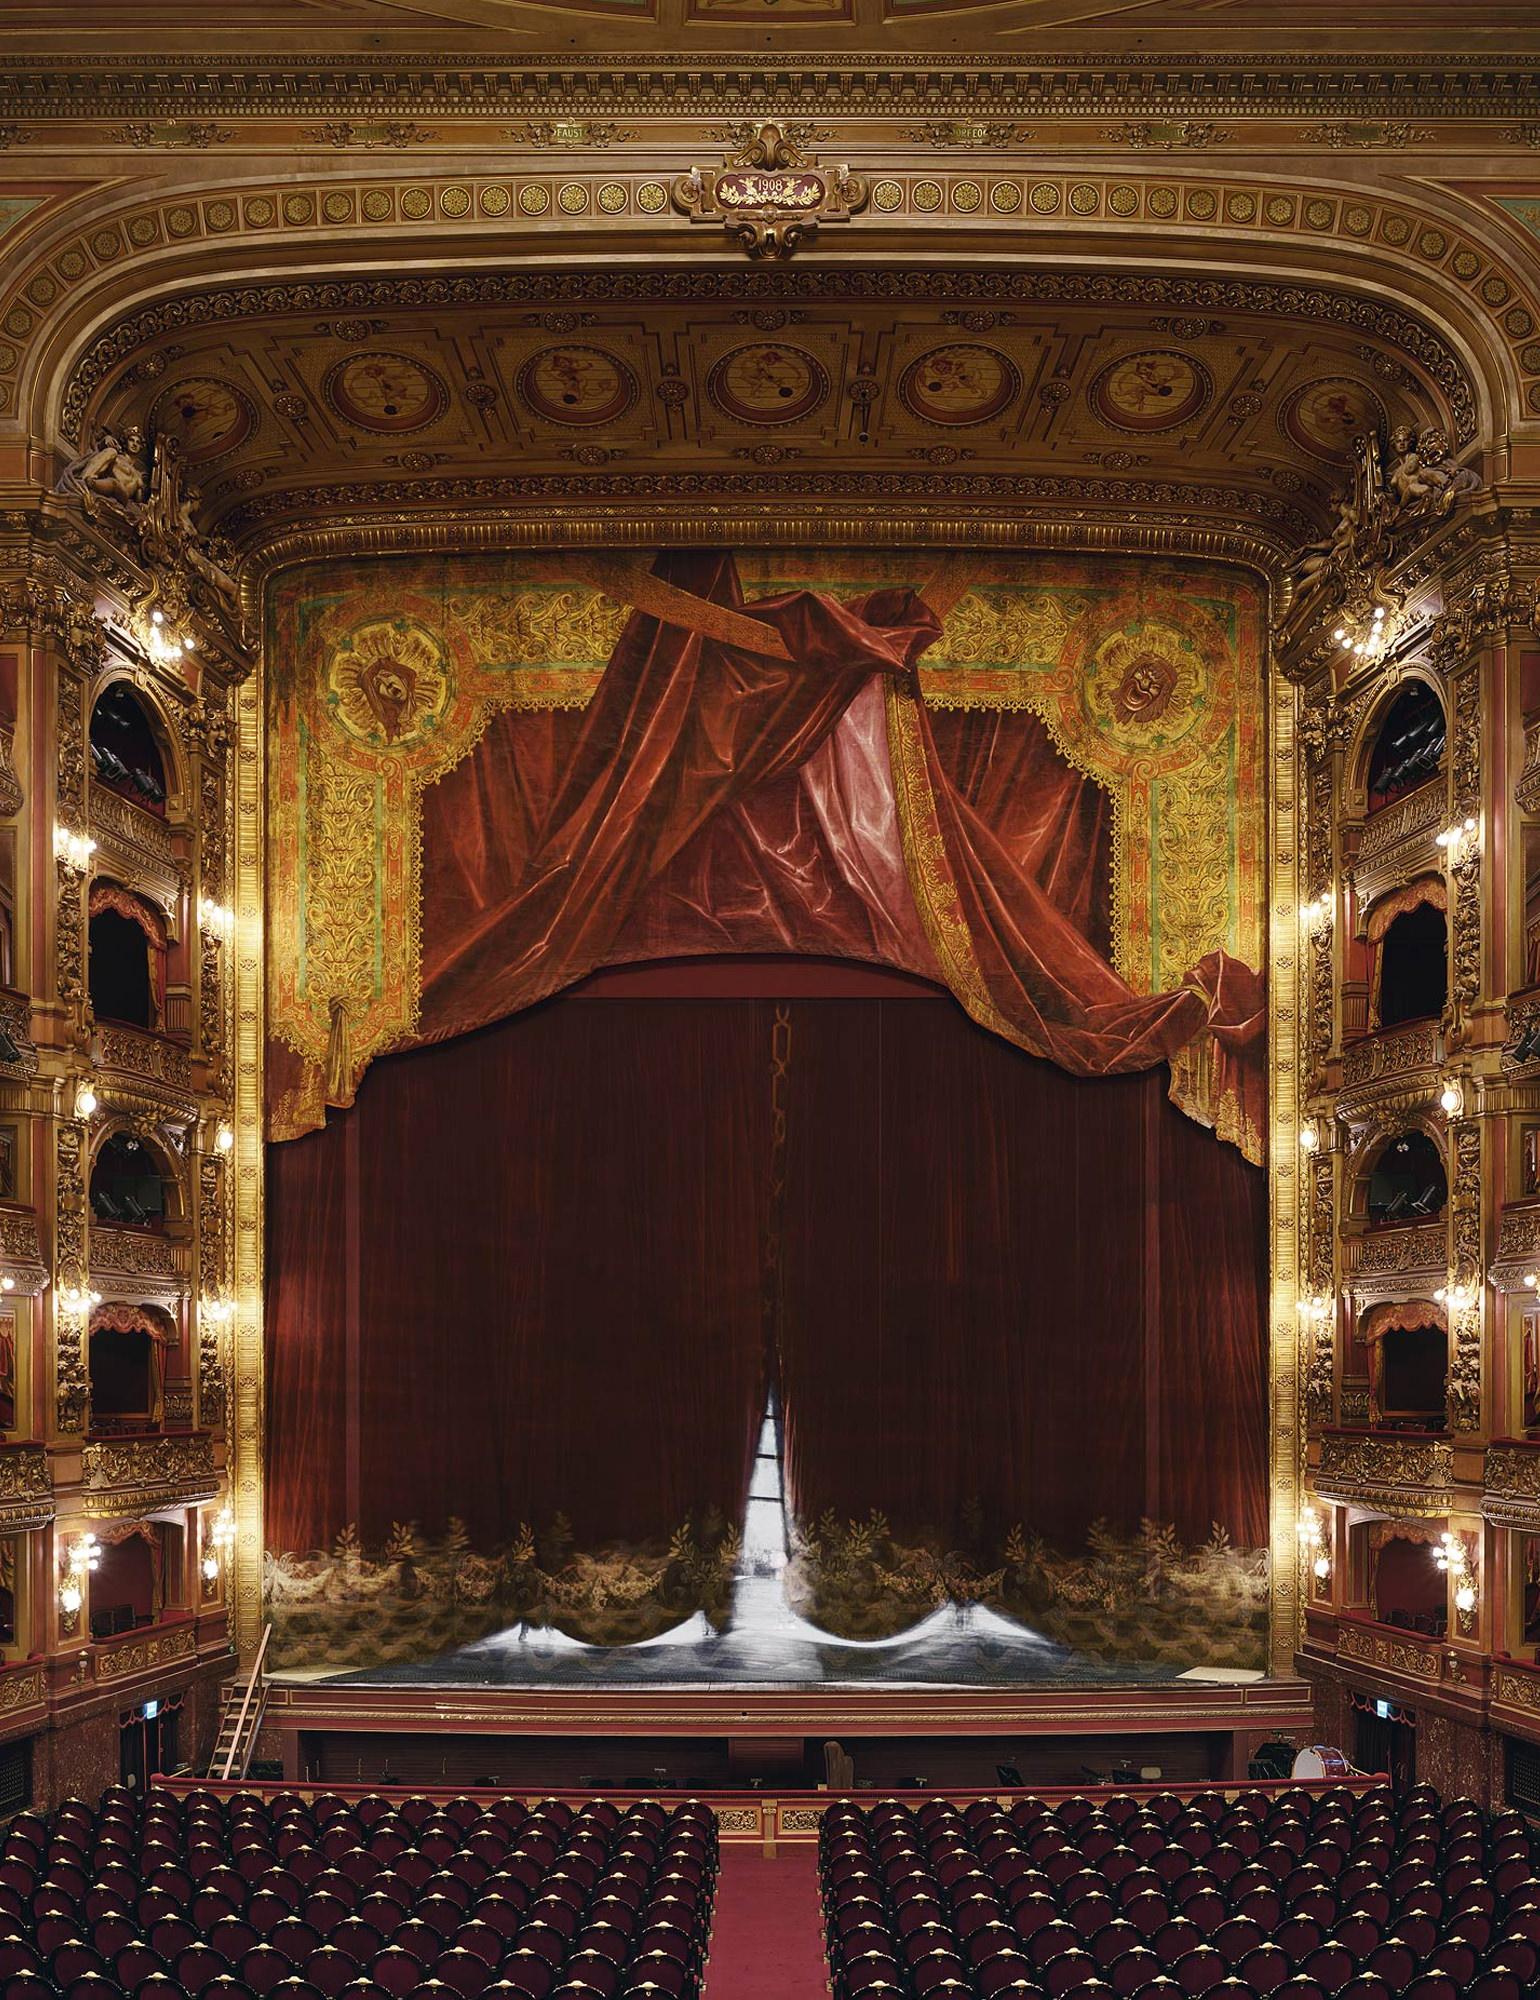 Opera Rideau Teatro Colon Buenos Aires Argentine 2010